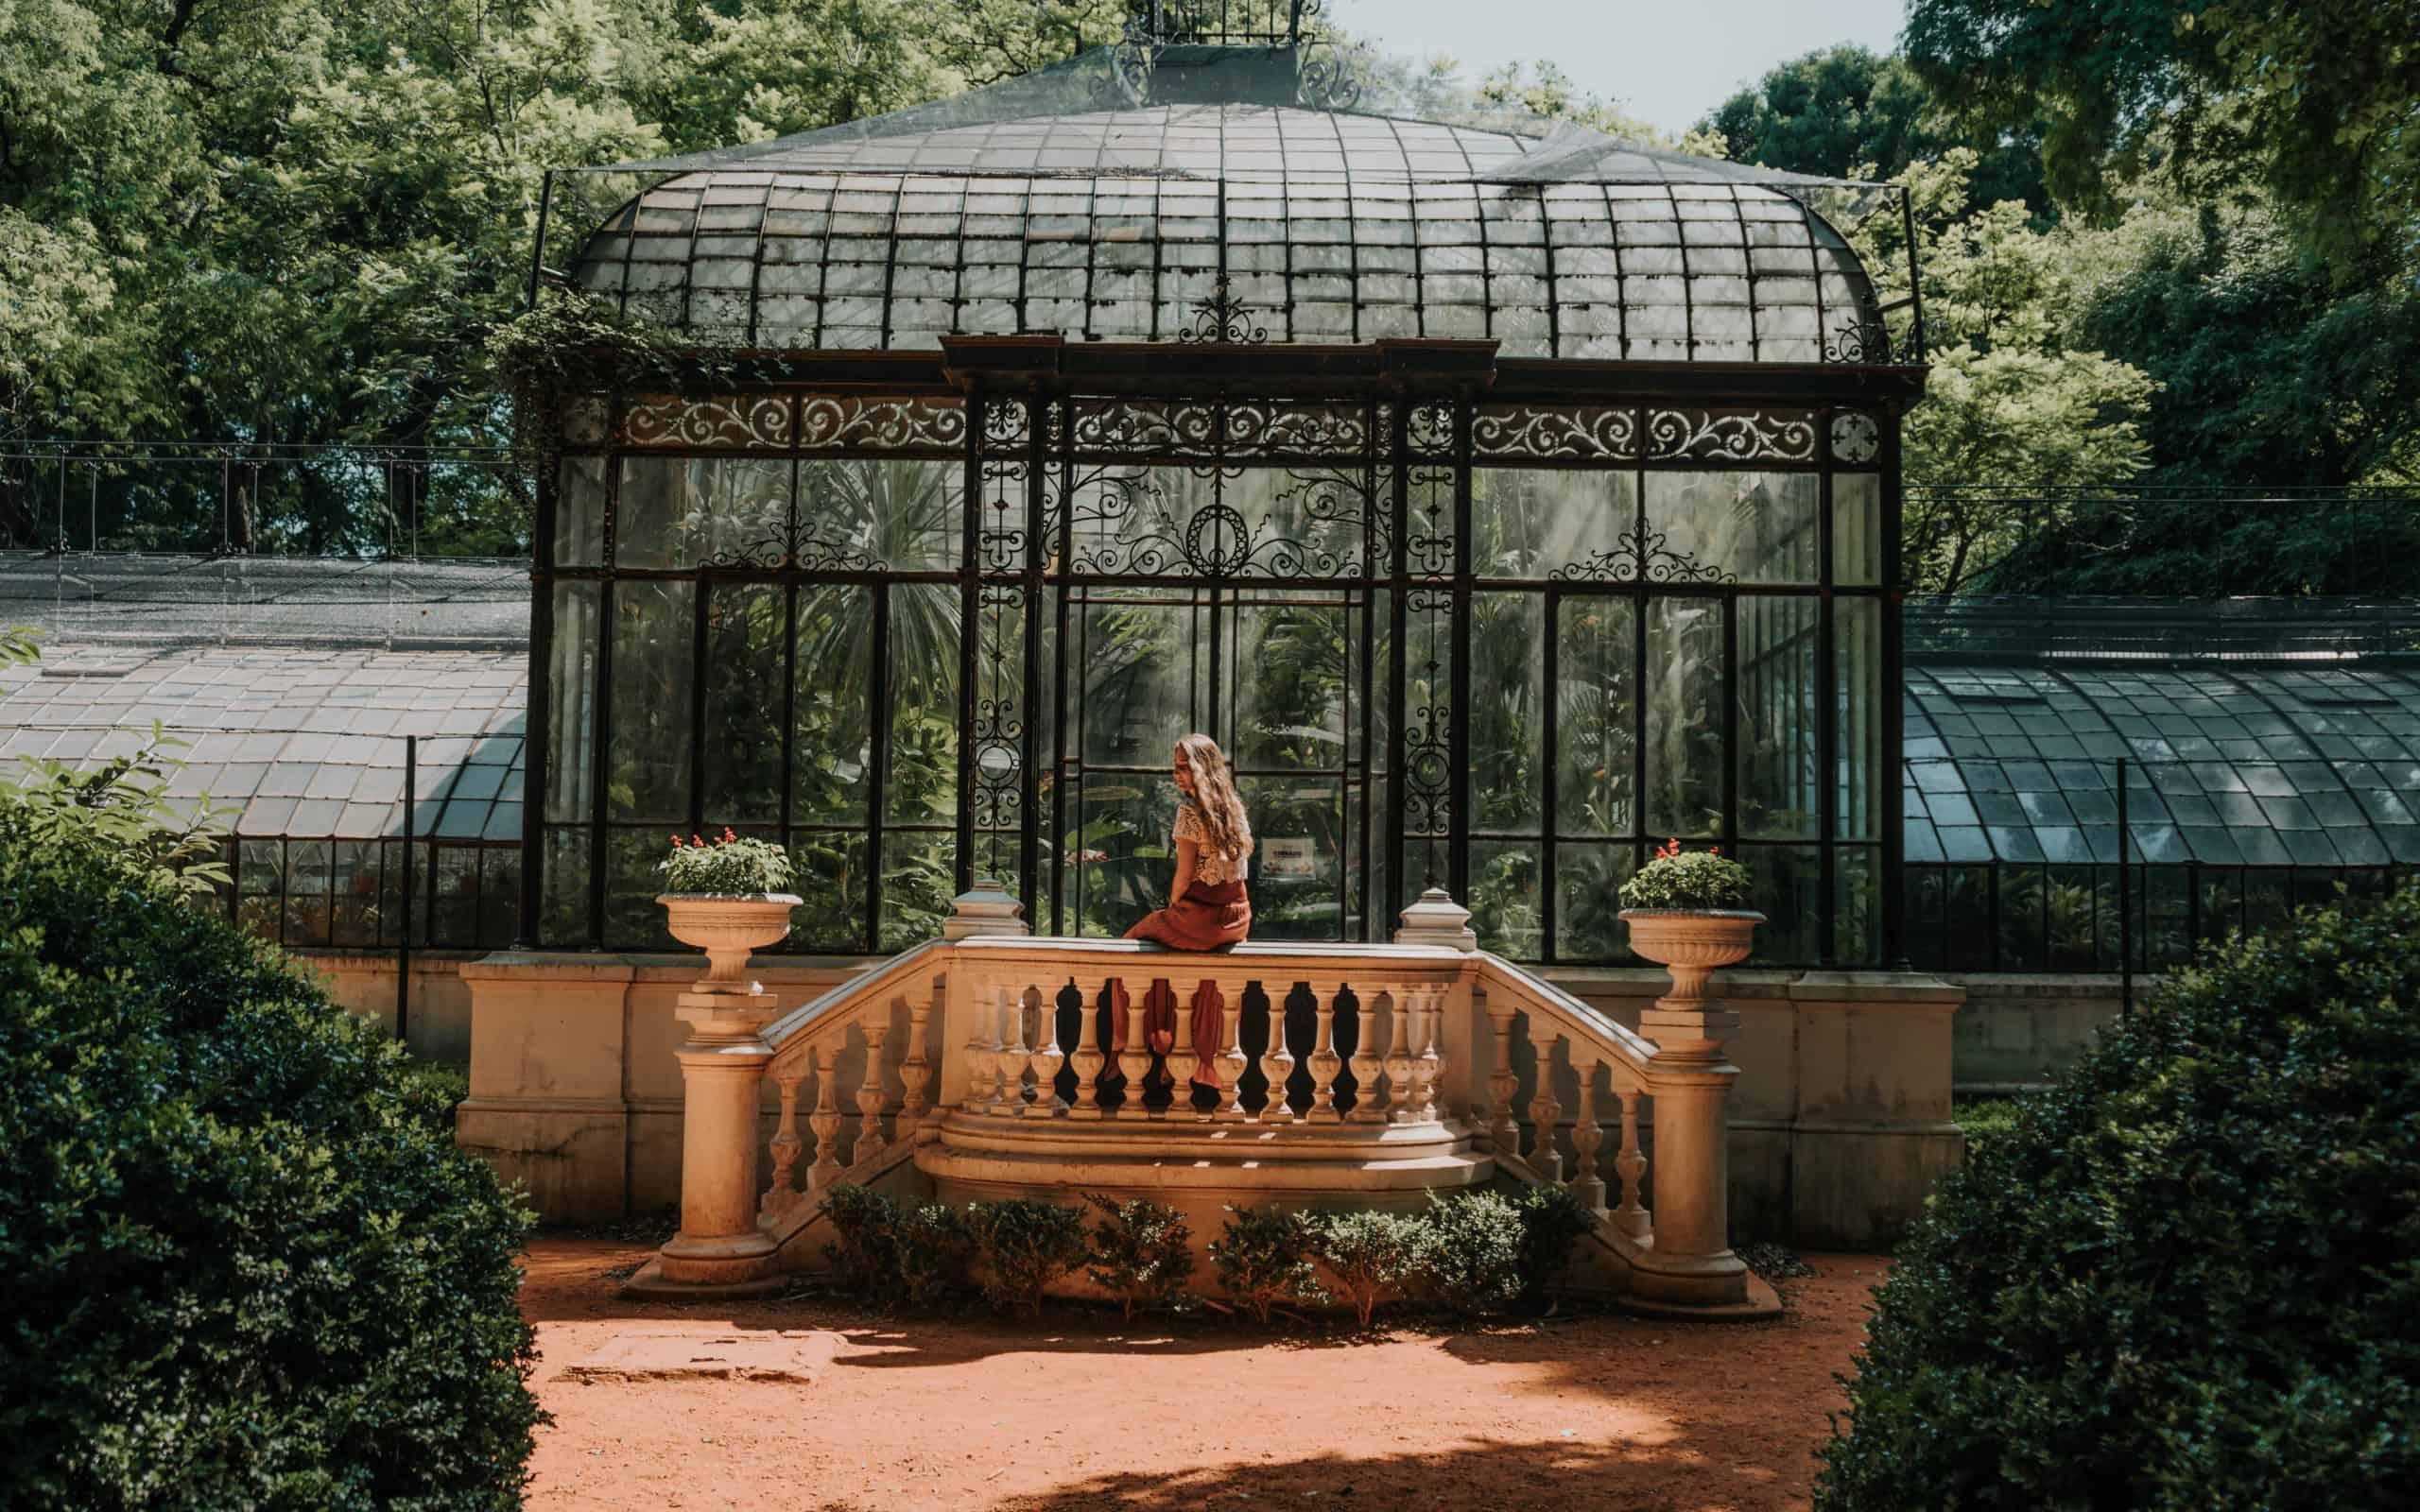 buenos aires ogród Botaniczny carlos thays przewodnik